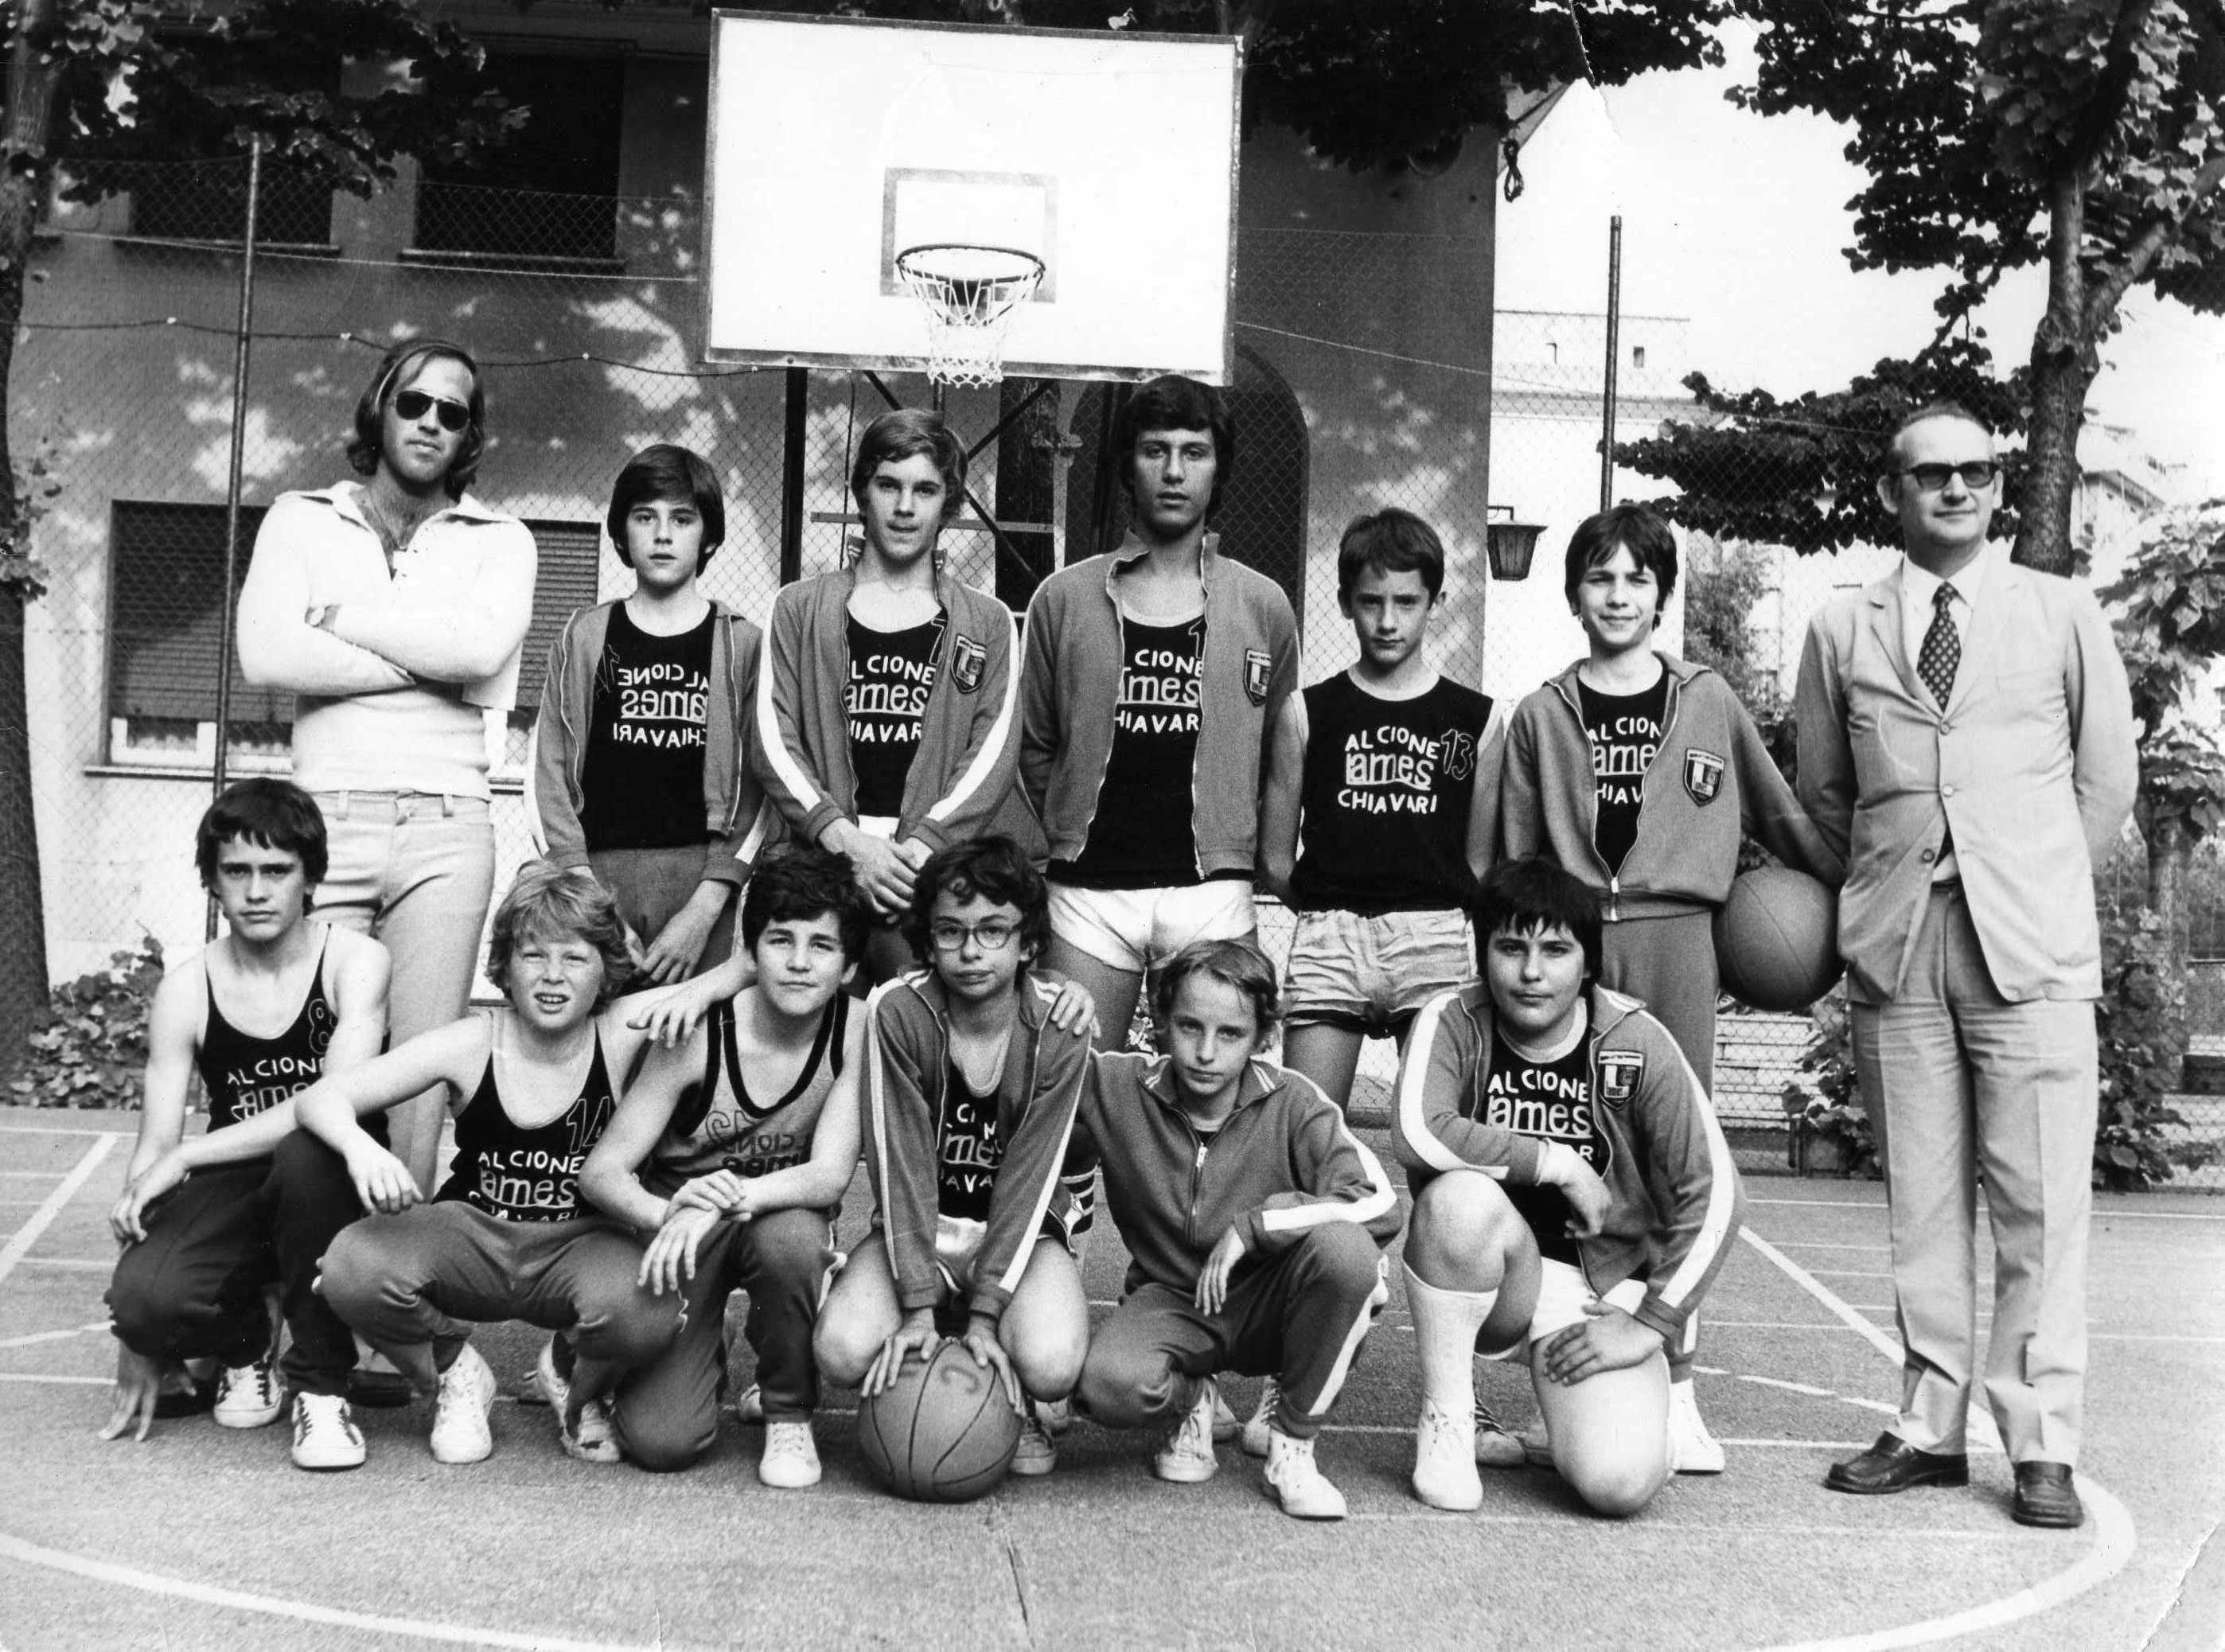 torneo-giovanile-giugno-1973-a